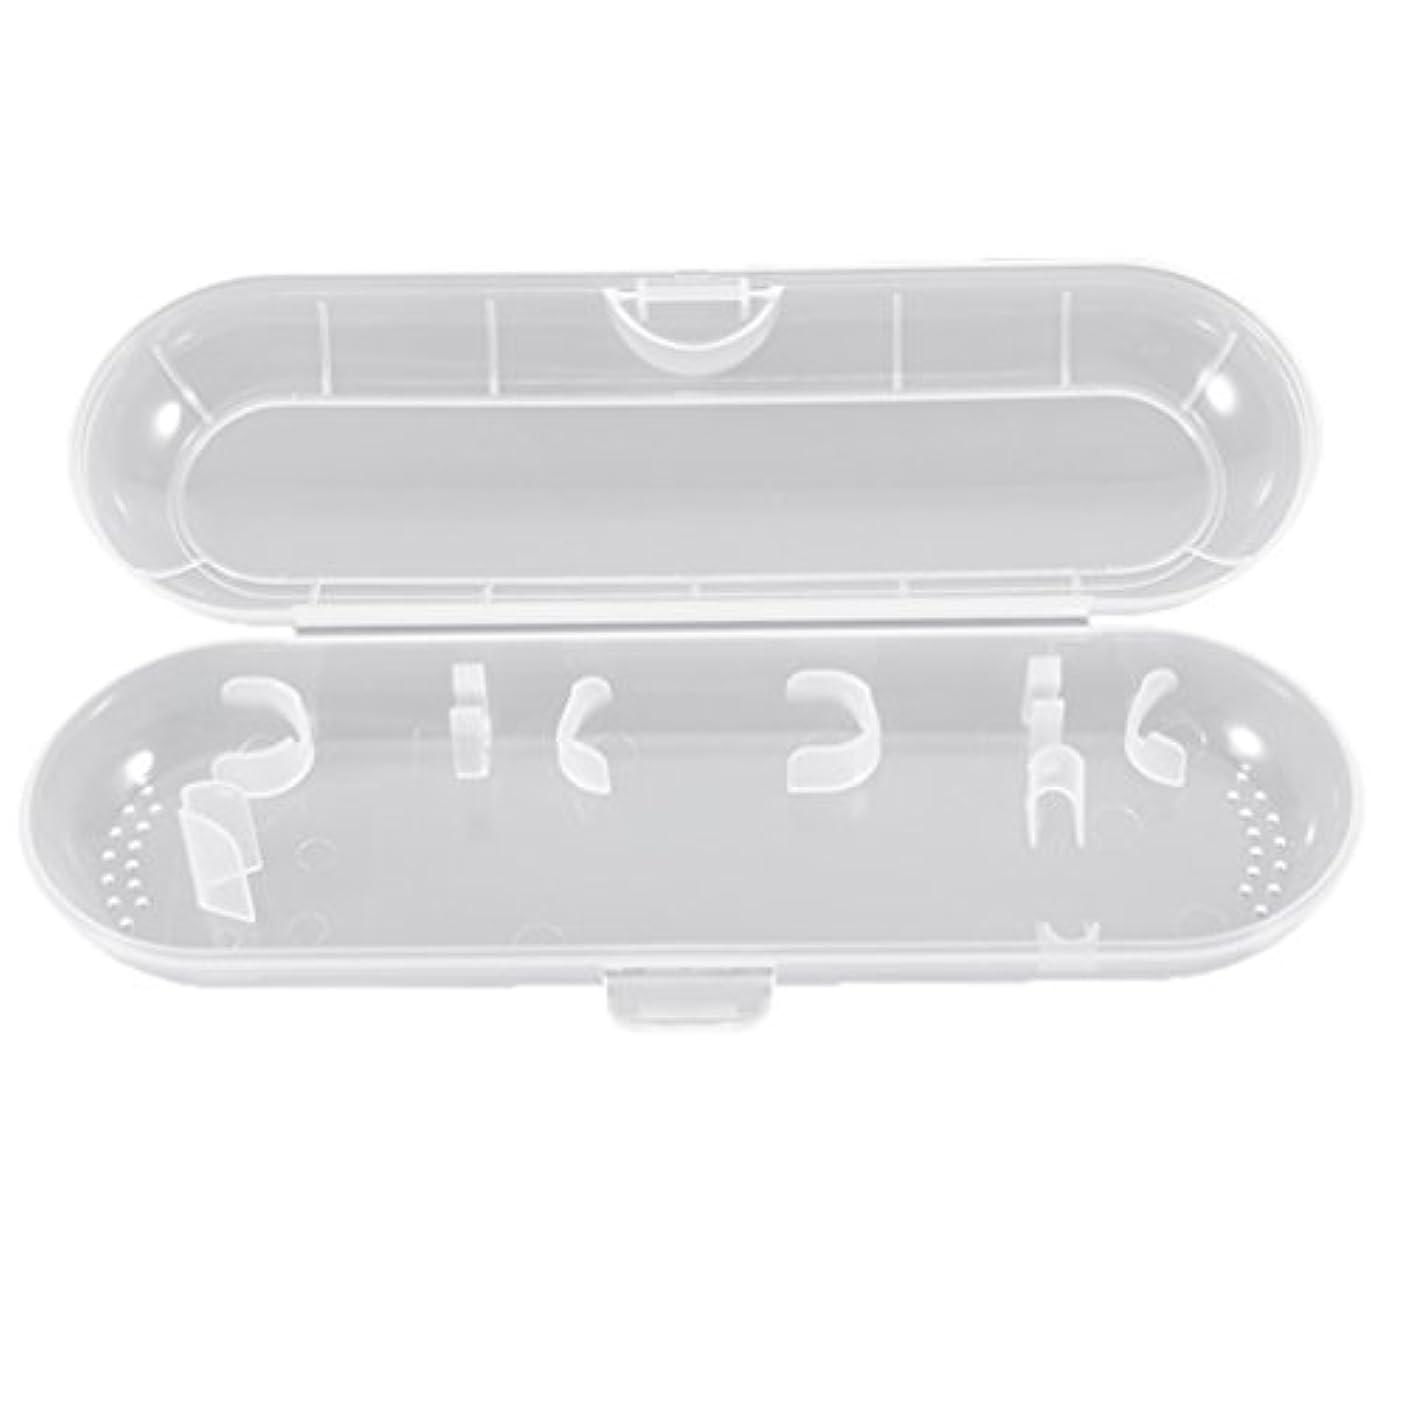 電子起きる苦しみHonel 透明 電動歯ブラシ収納ボックス プラスチック 電動歯ブラシケース 収納ケース ブラウン オーラルB対応